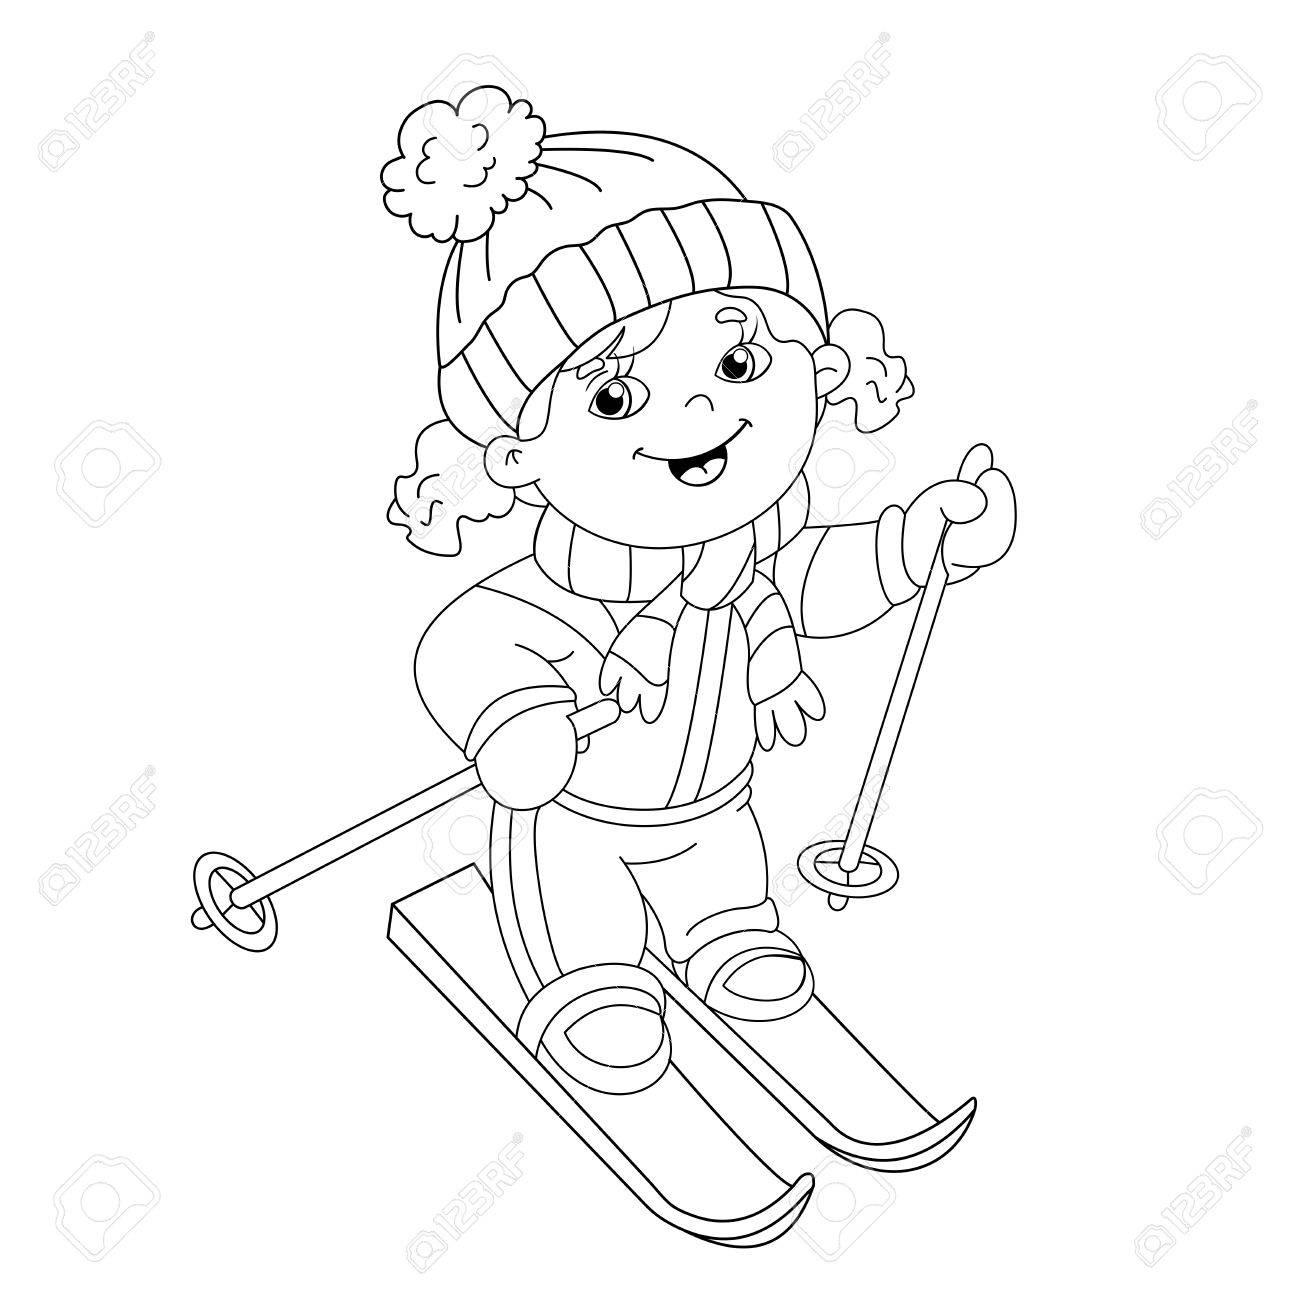 Página Para Colorear Esquema De Dibujos Animados Chica Cabalgando ...